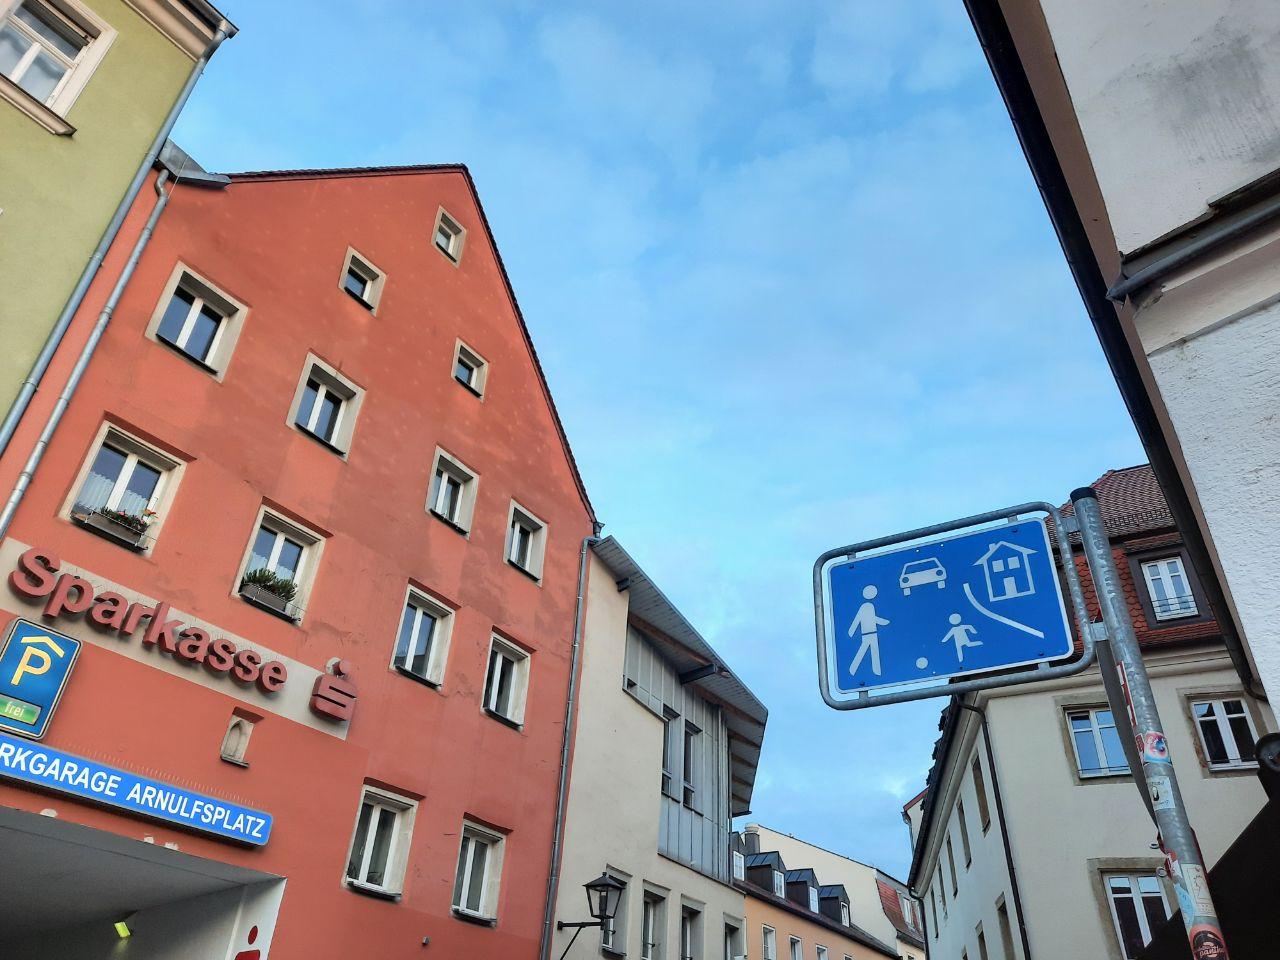 Wollwirkergasse Regensburg